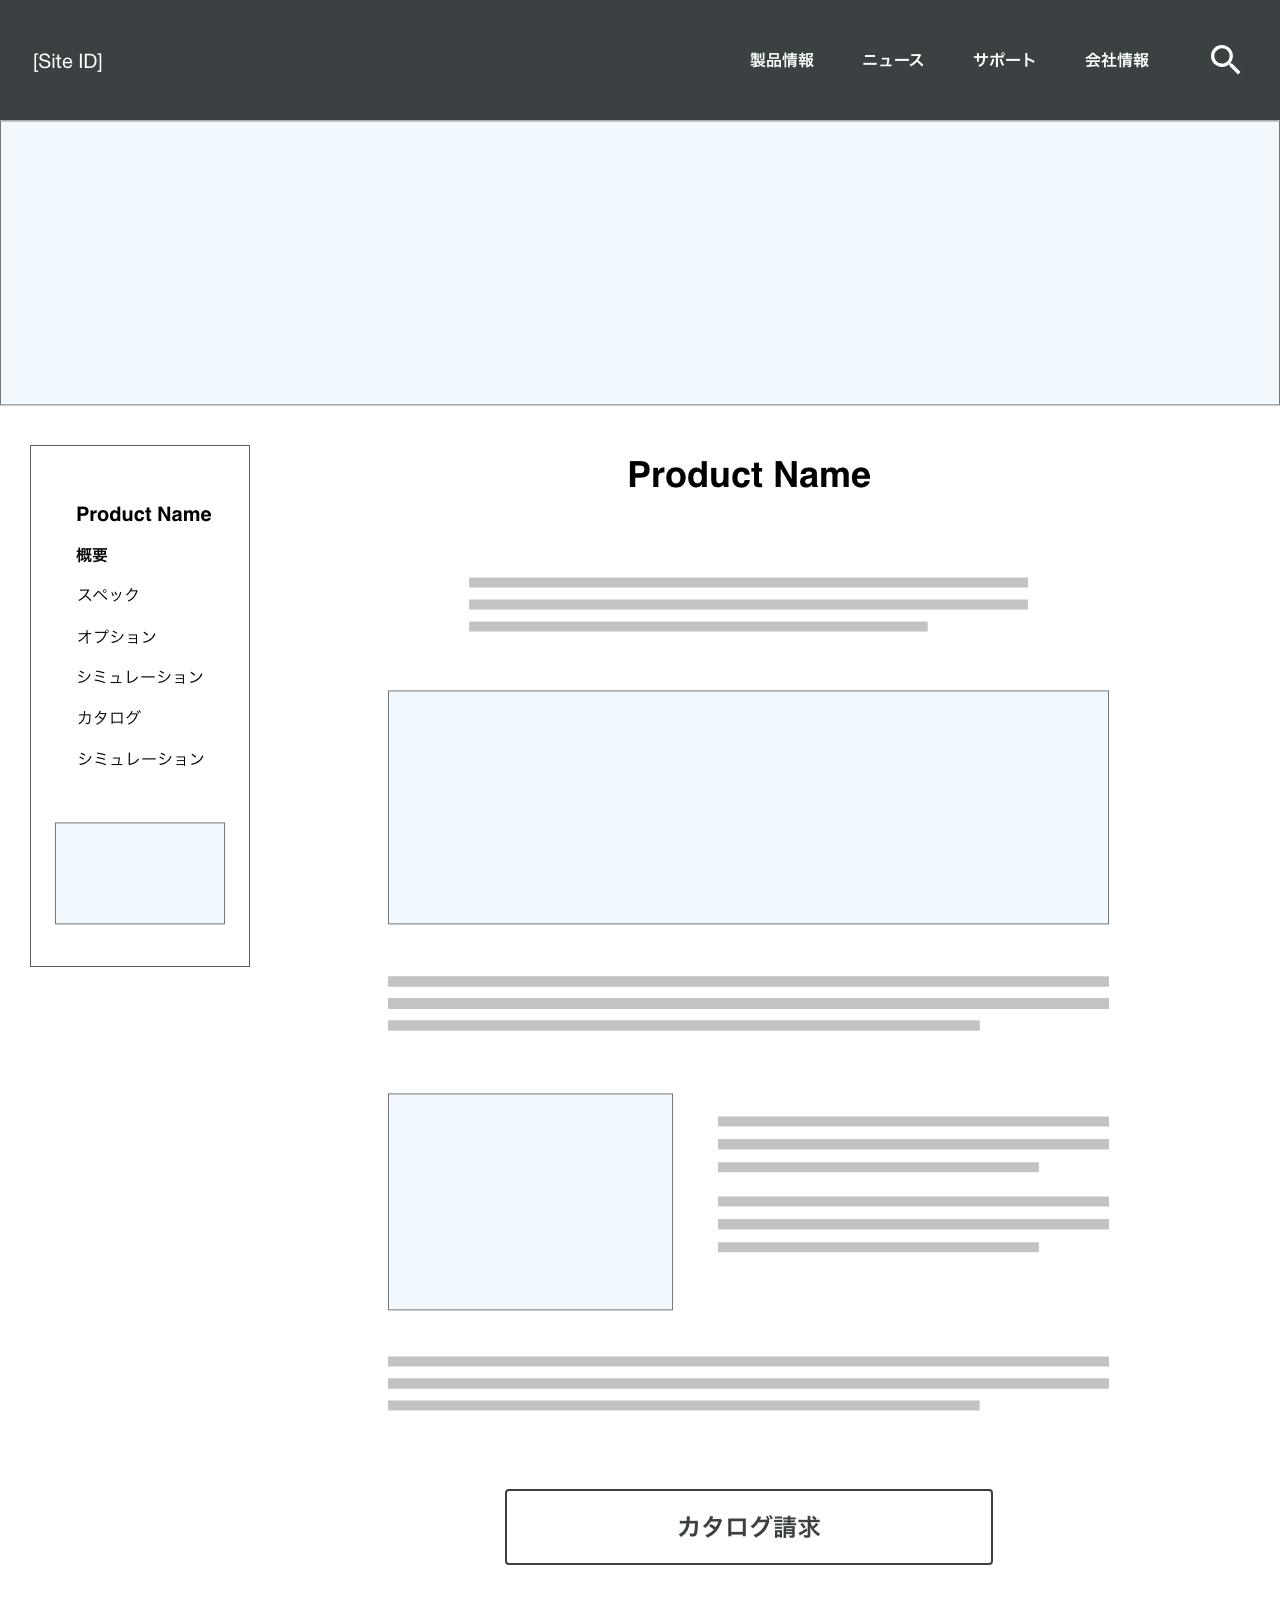 改善案 : カタログ請求へのリンクをコンテンツ本文にも配置した例